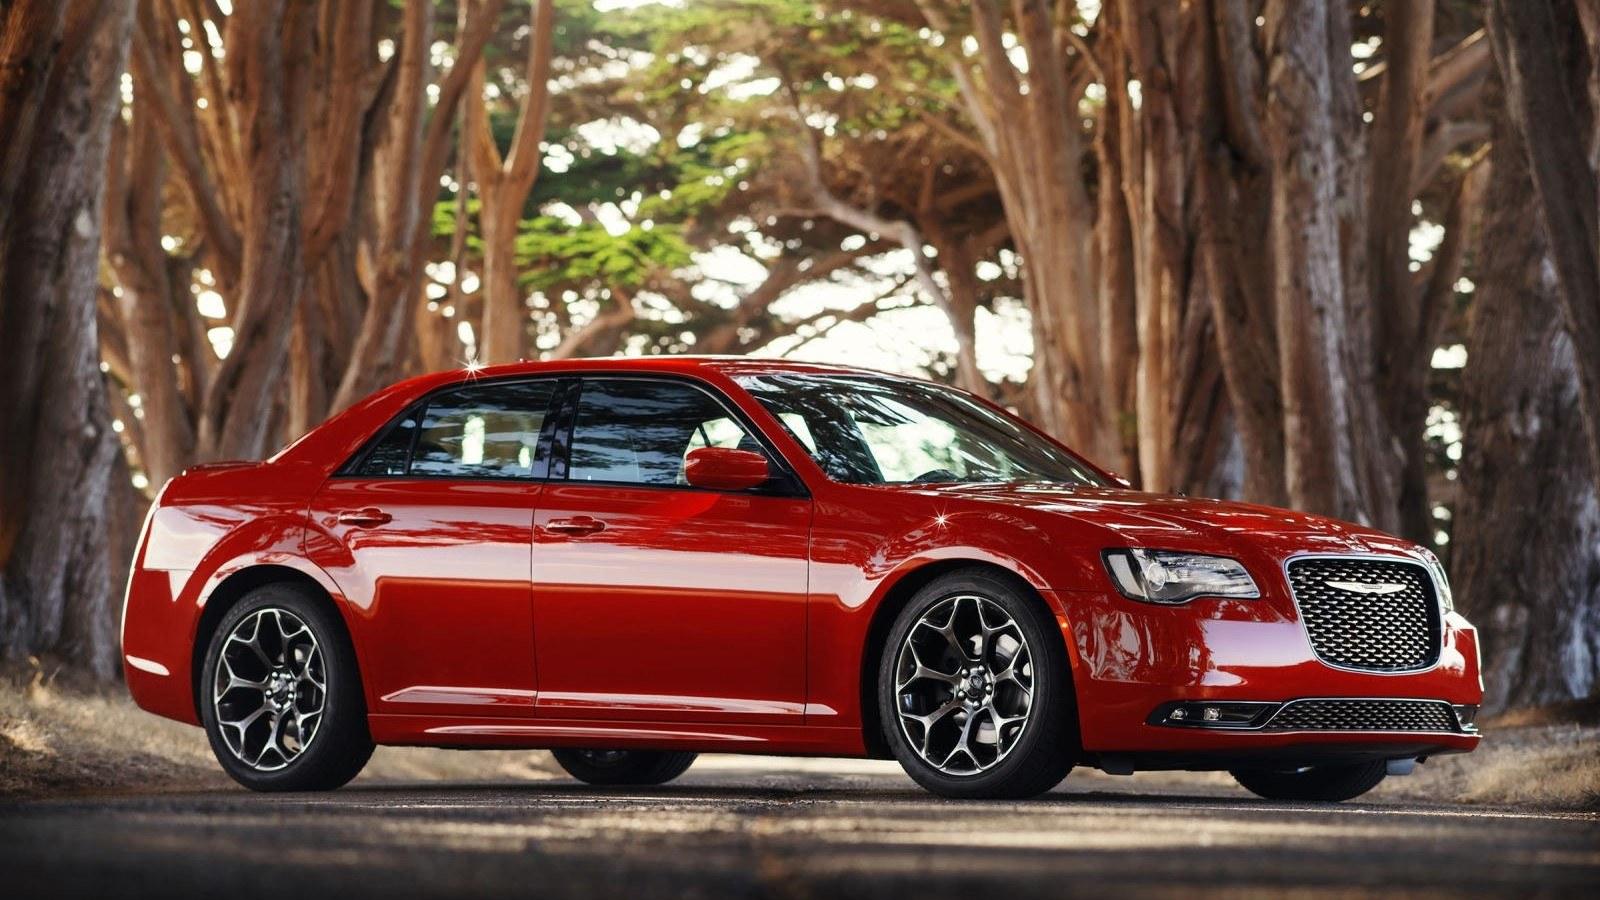 Stellantis cambia de planes y cancela el regreso de Peugeot a Estados Unidos para apostar por Chrysler y por Dodge